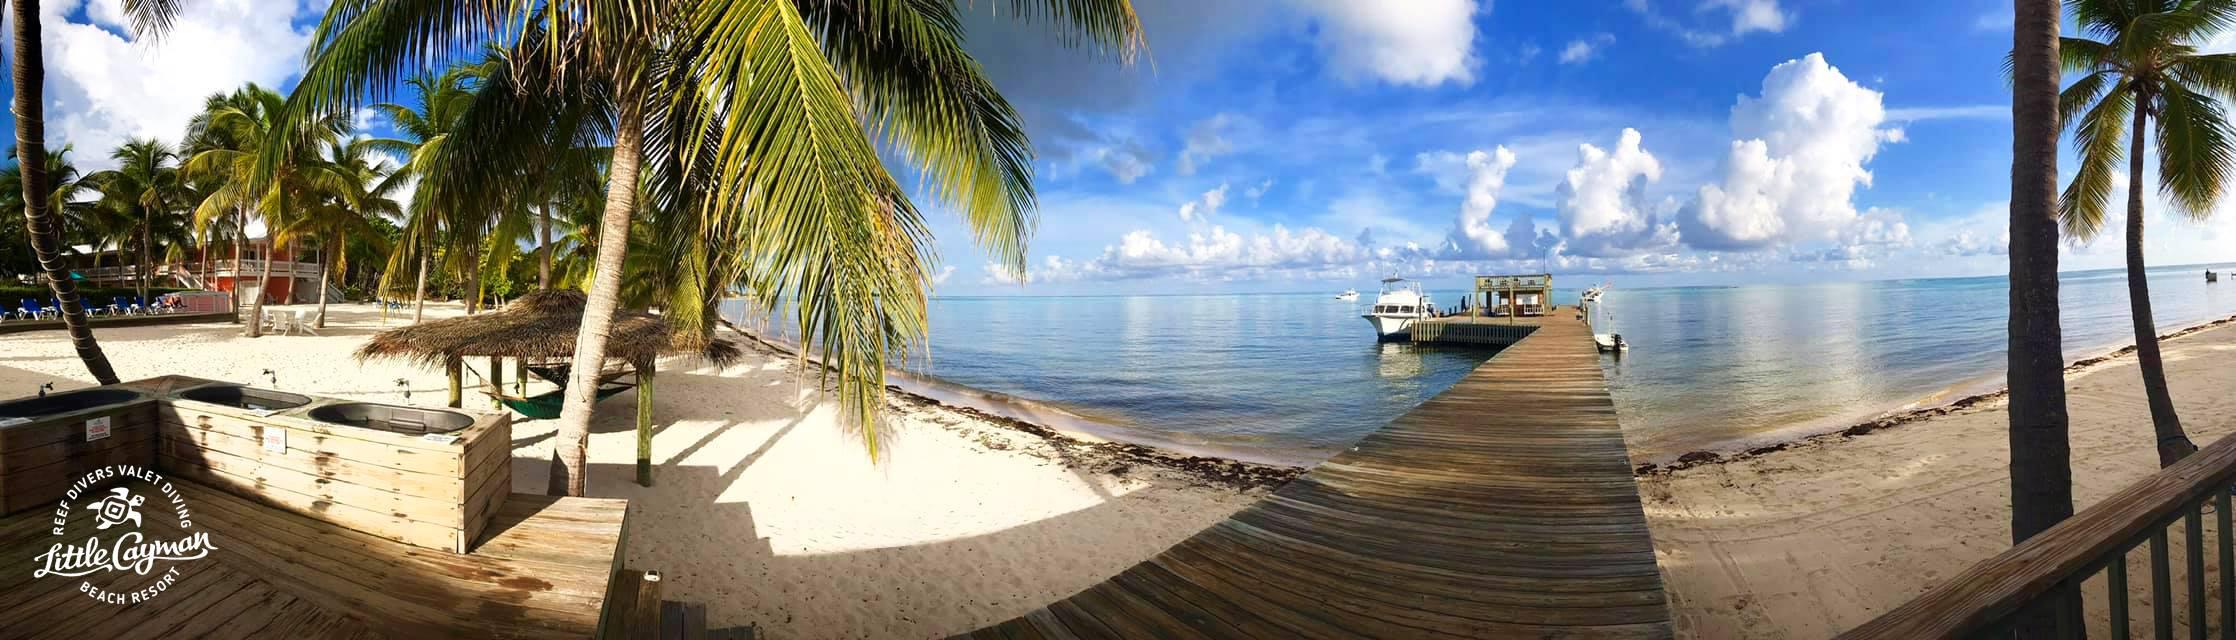 Escape to Little Cayman